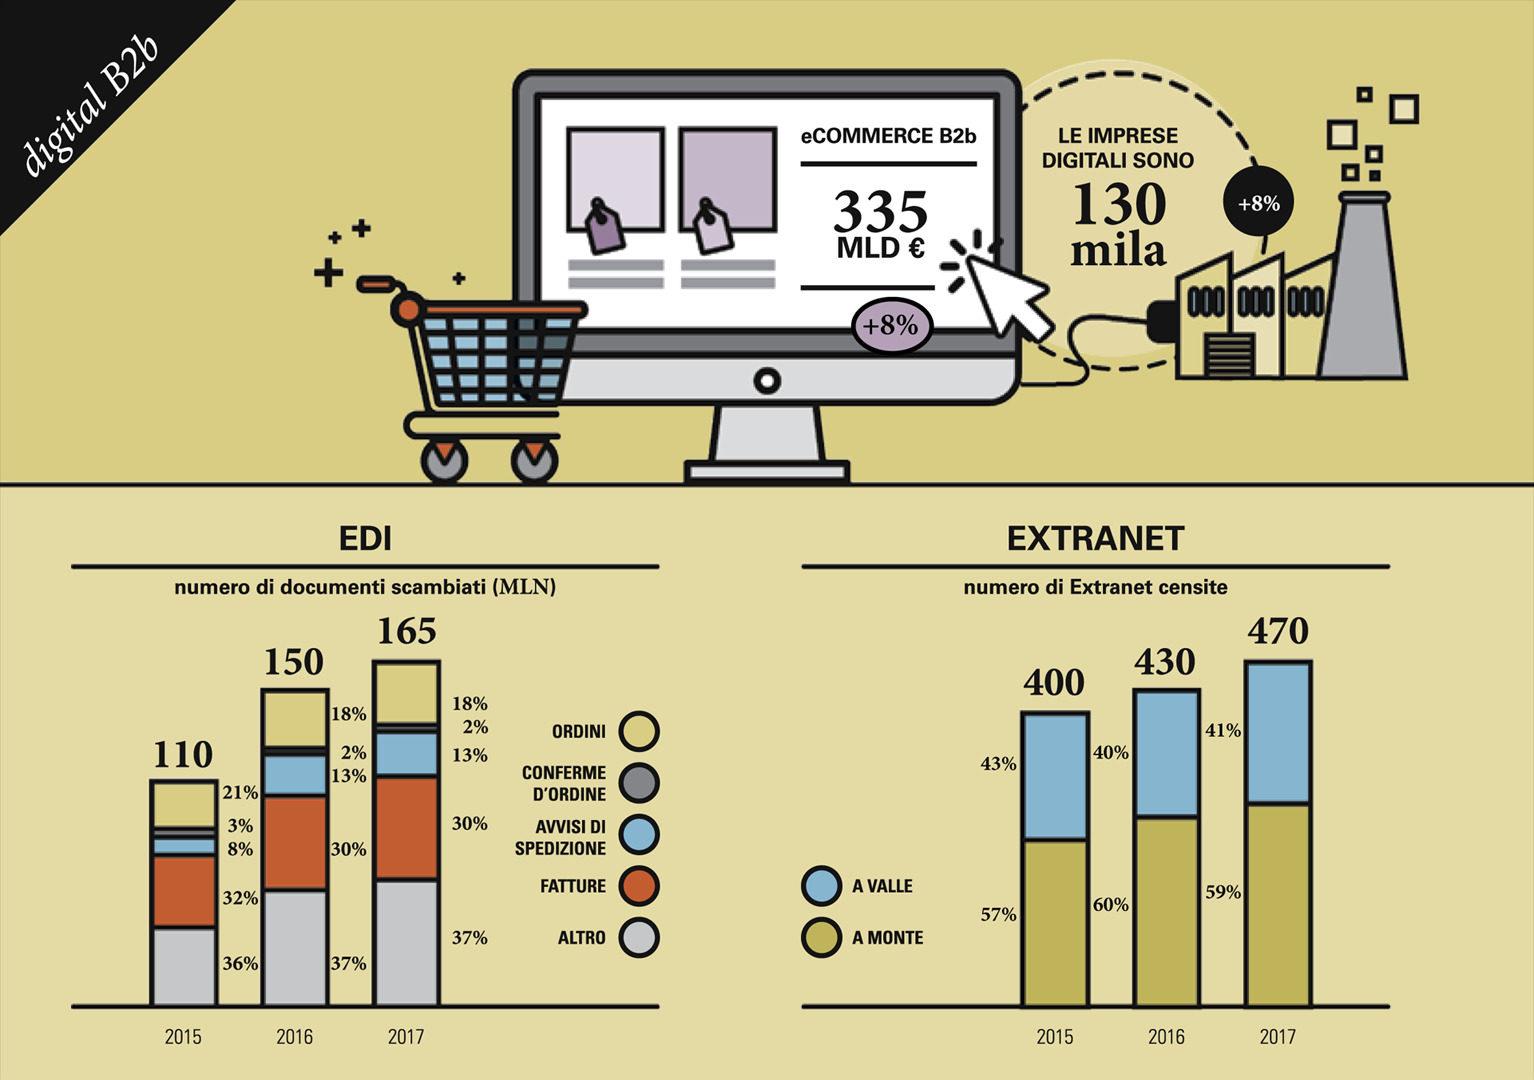 Soluzioni EDI e Extranet per le aziende